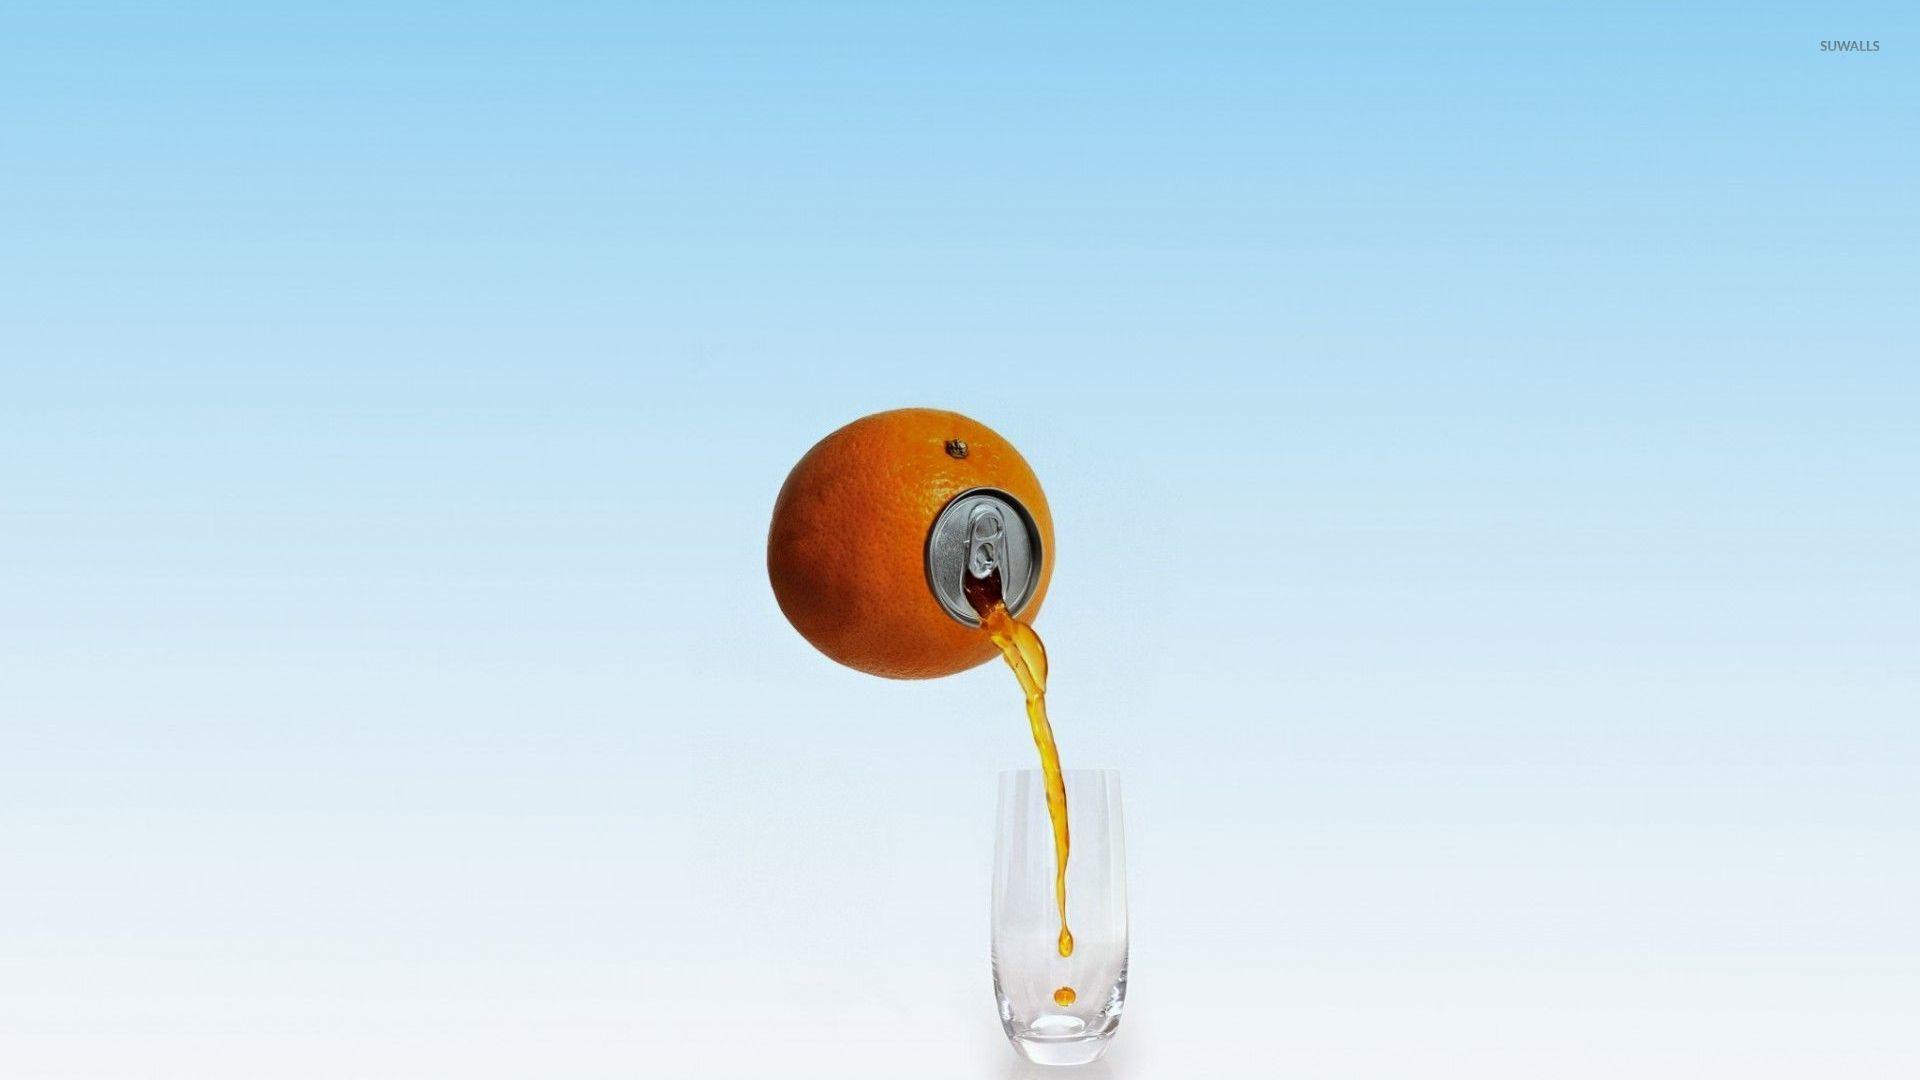 Orange juice wallpaper 1920x1080 1920x1080